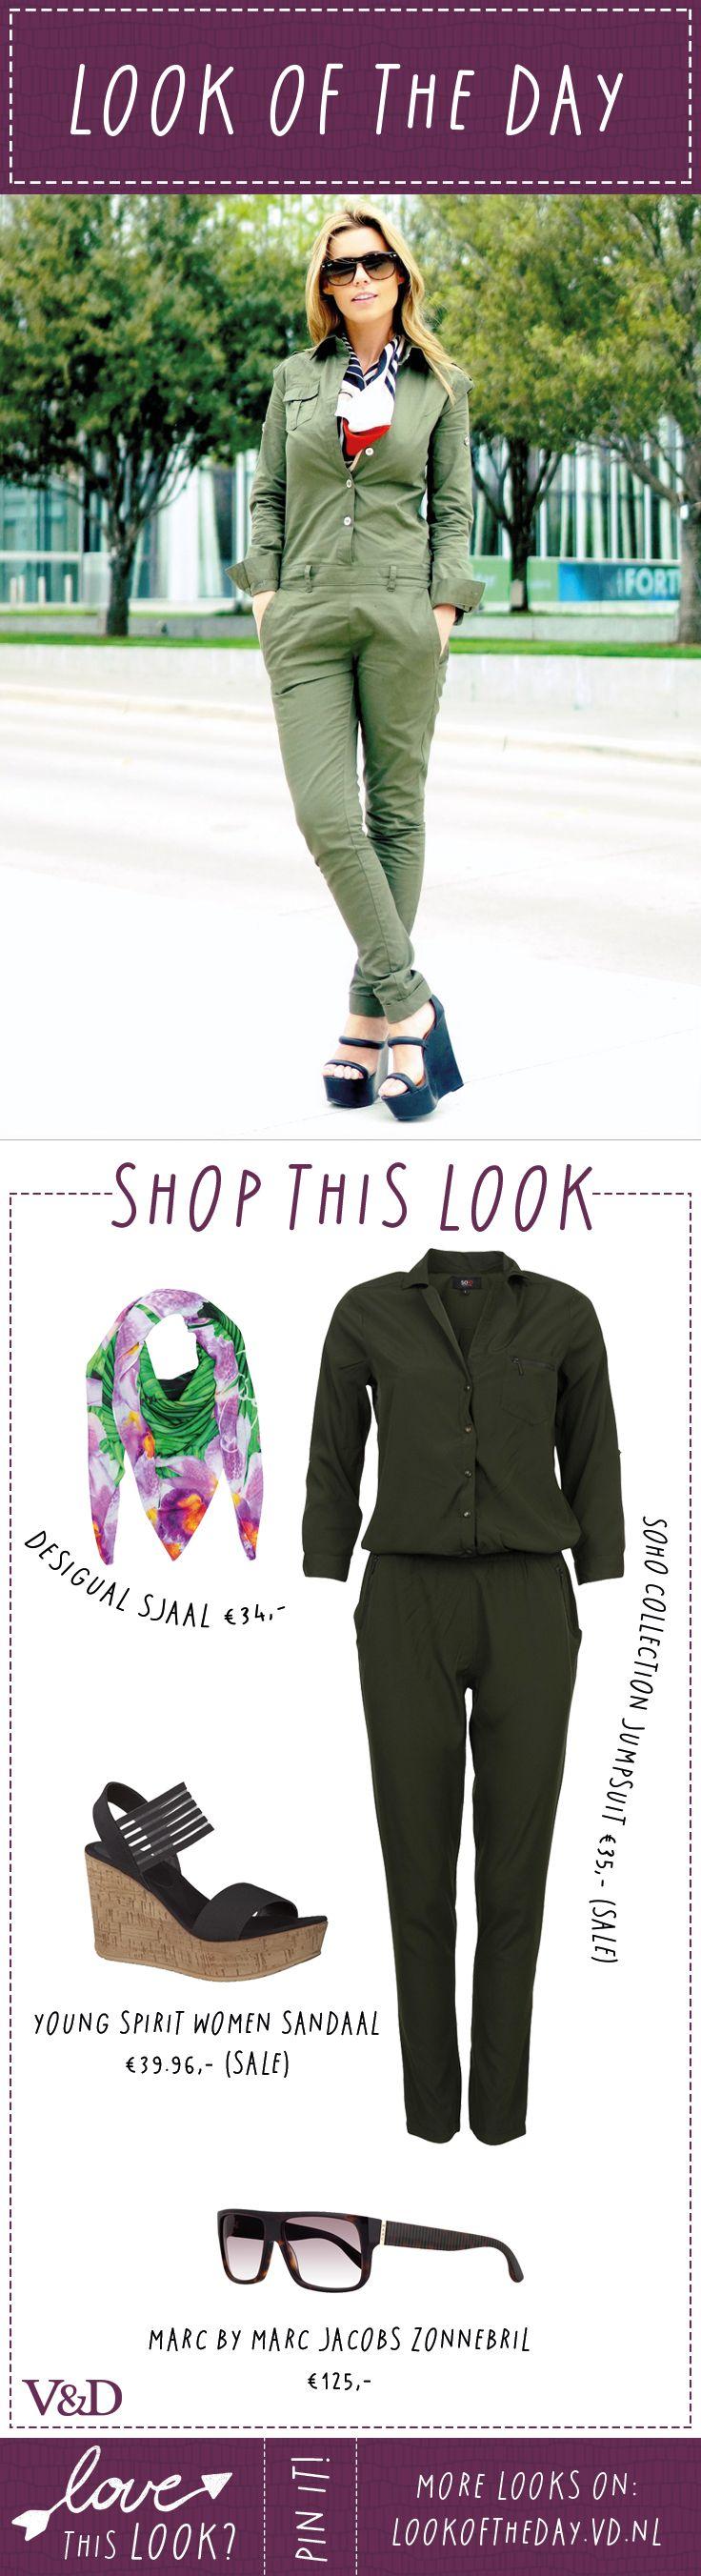 Spring in deze jumpsuit en je outfit is al bijna 'ready to go'! Maak je outfit af met een paar leuke hakken of zomerse slippers. #vdlotd #lookoftheday